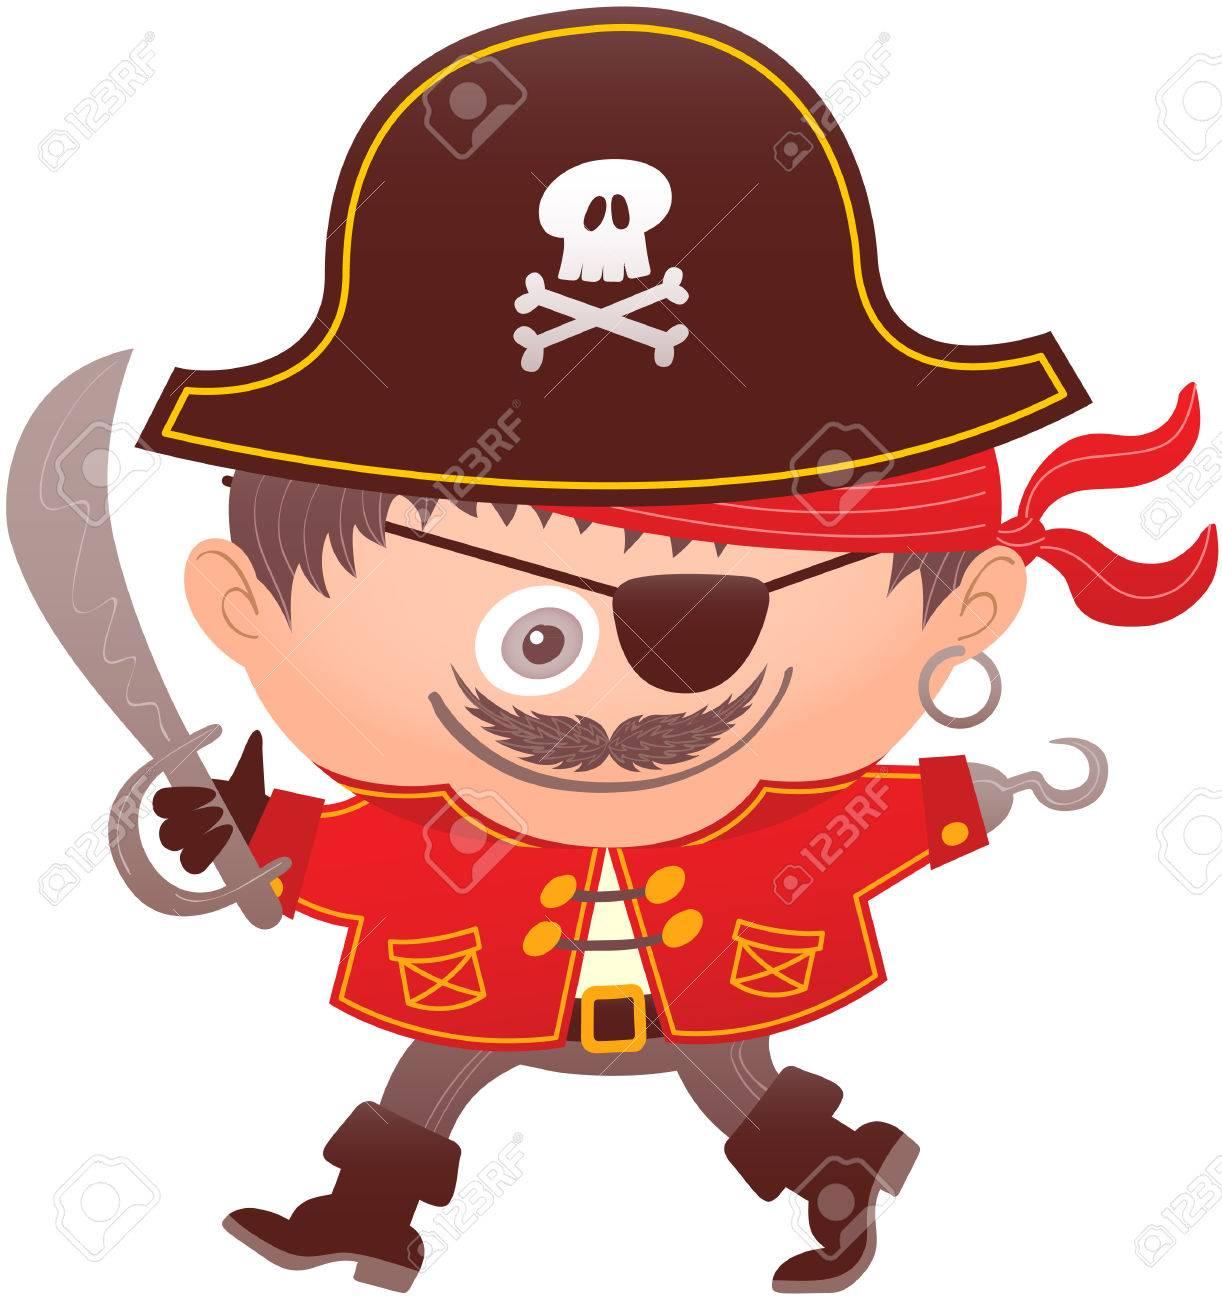 d26cdd5c7e79 Le Costume De Pirate A Un Grand Chapeau, Bandana Rouge, Boucle D oreille,  Gant, Crochet, Veste Rouge, Ceinture, Sabre, Crochet, Oculaire, Bottes Et  Un ...